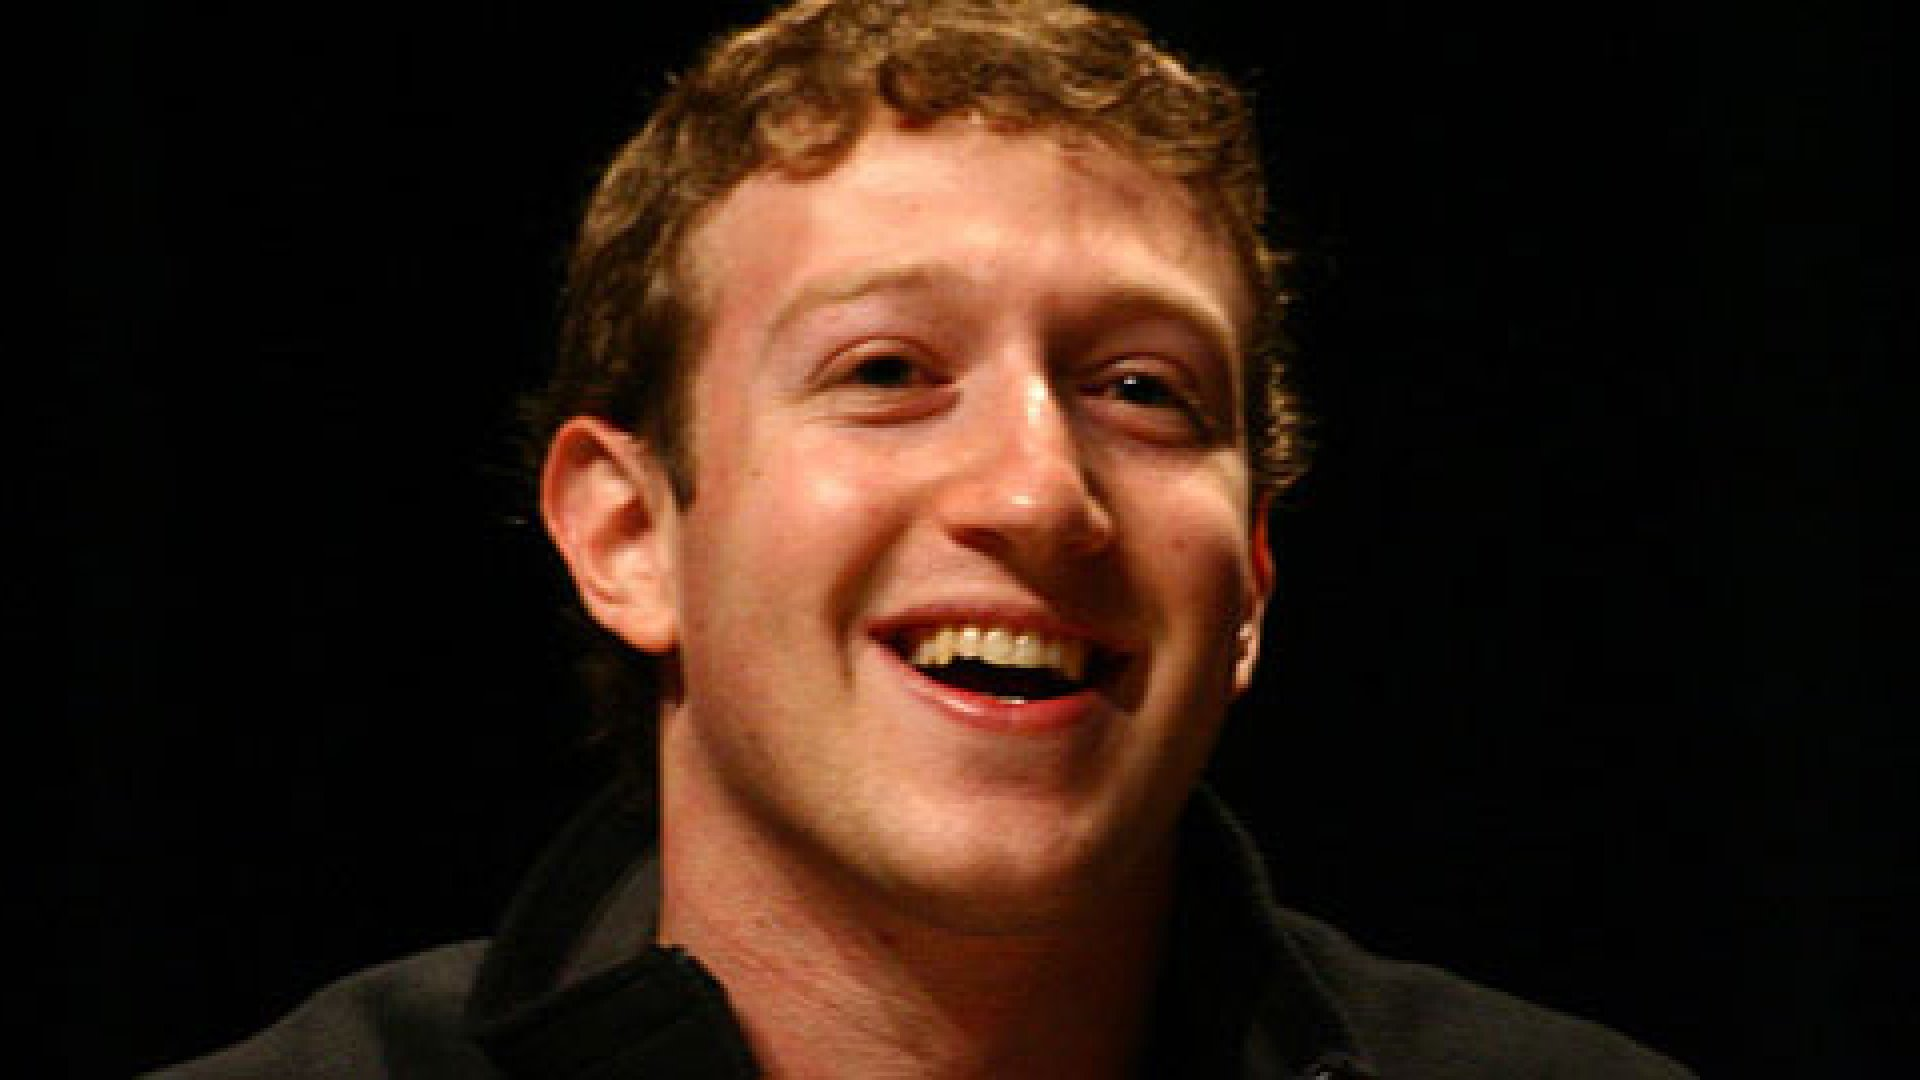 <strong>Mark Zuckerberg</strong> Facebook